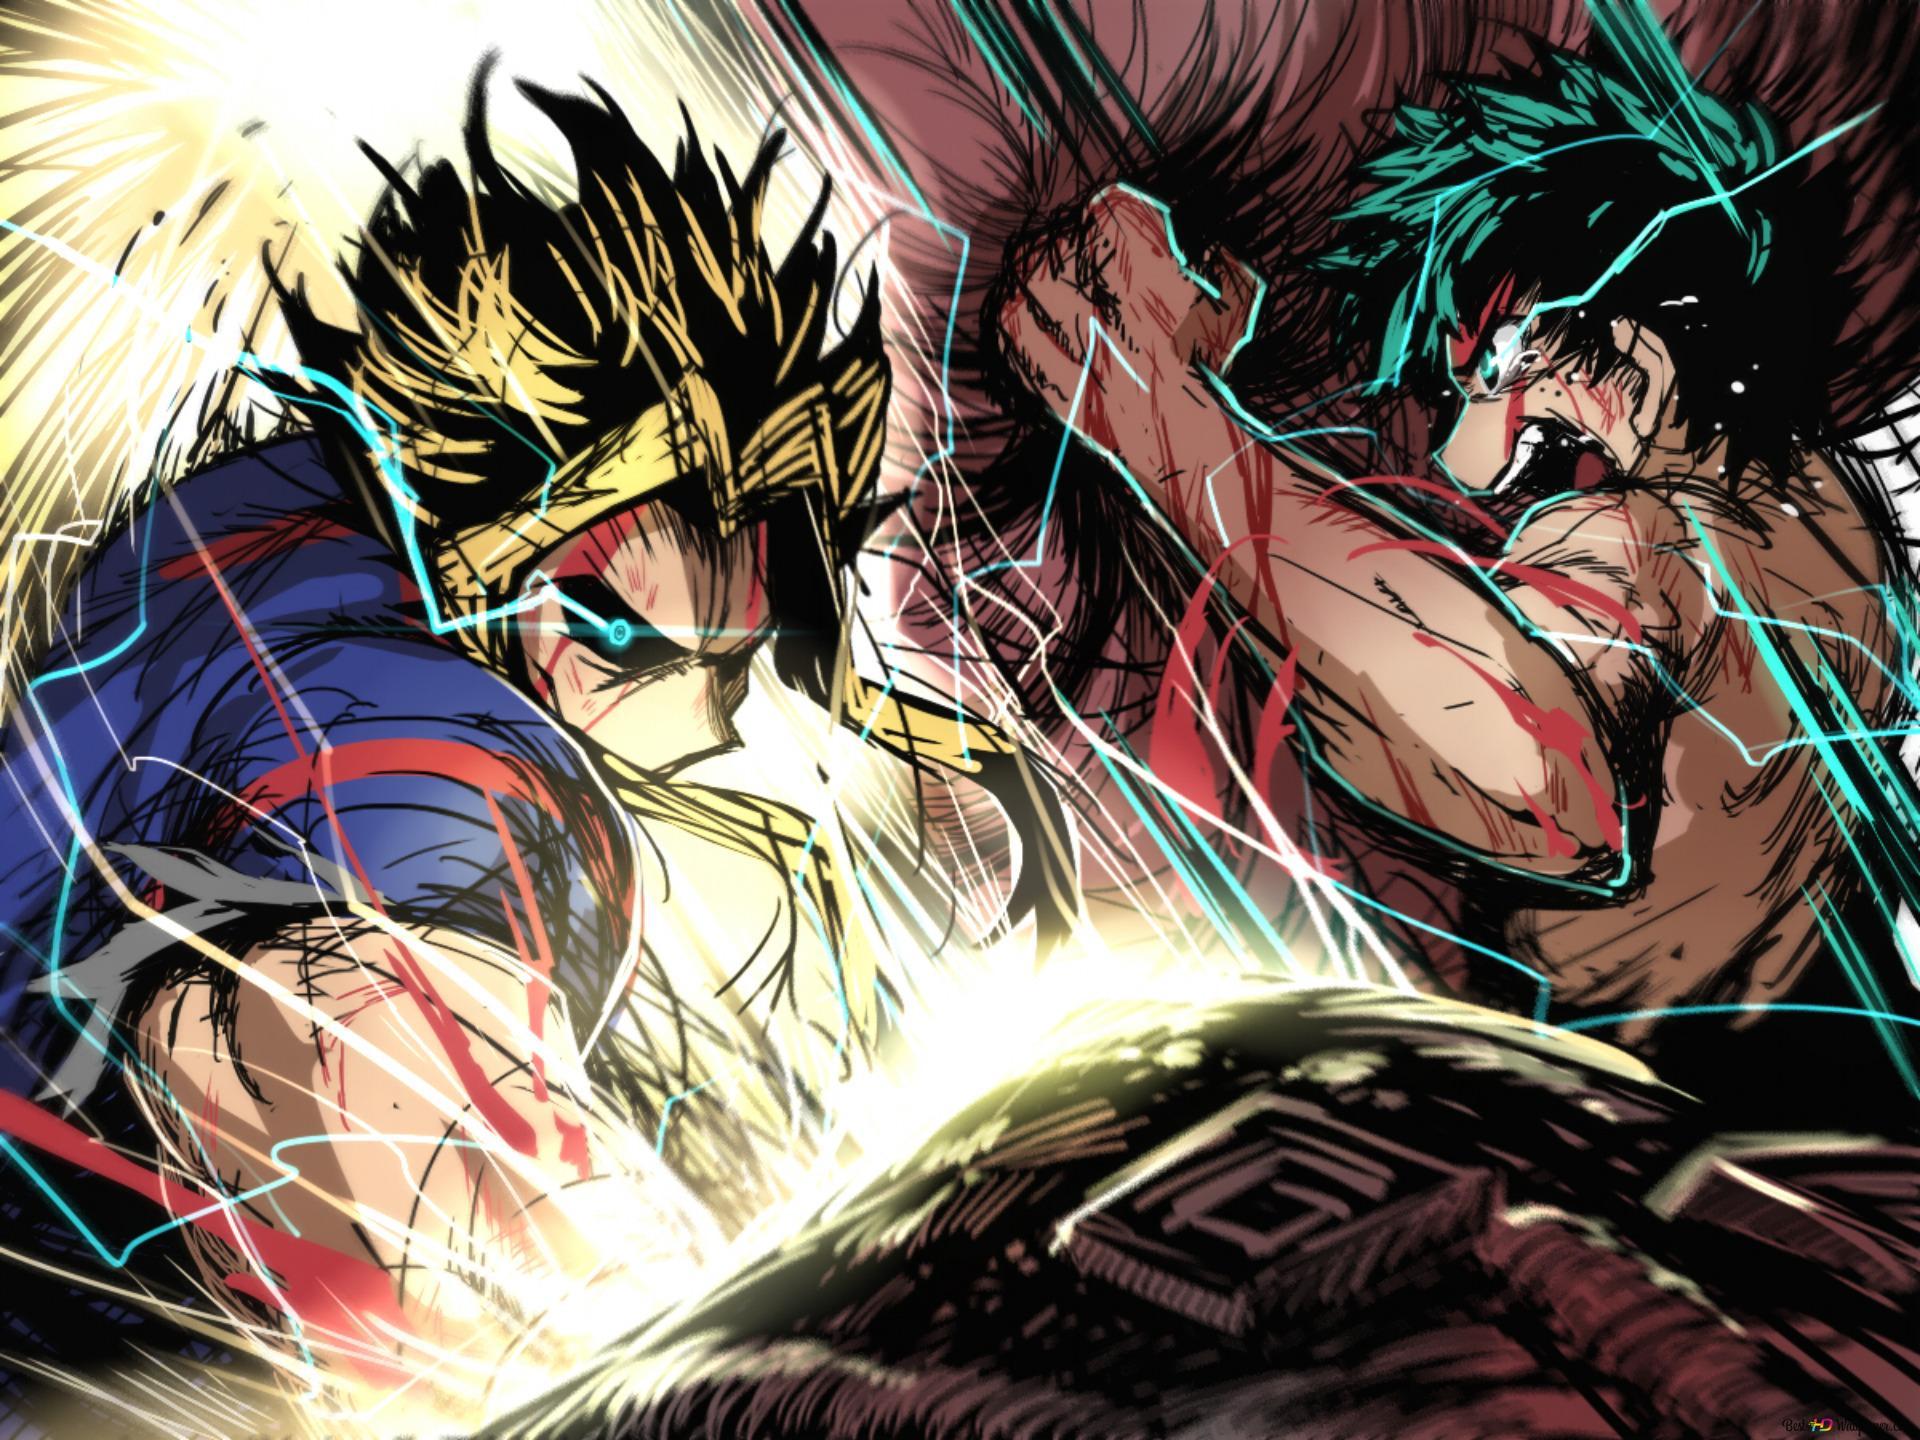 Tohinori And Izuku Fight My Hero Academia Hd Wallpaper Download